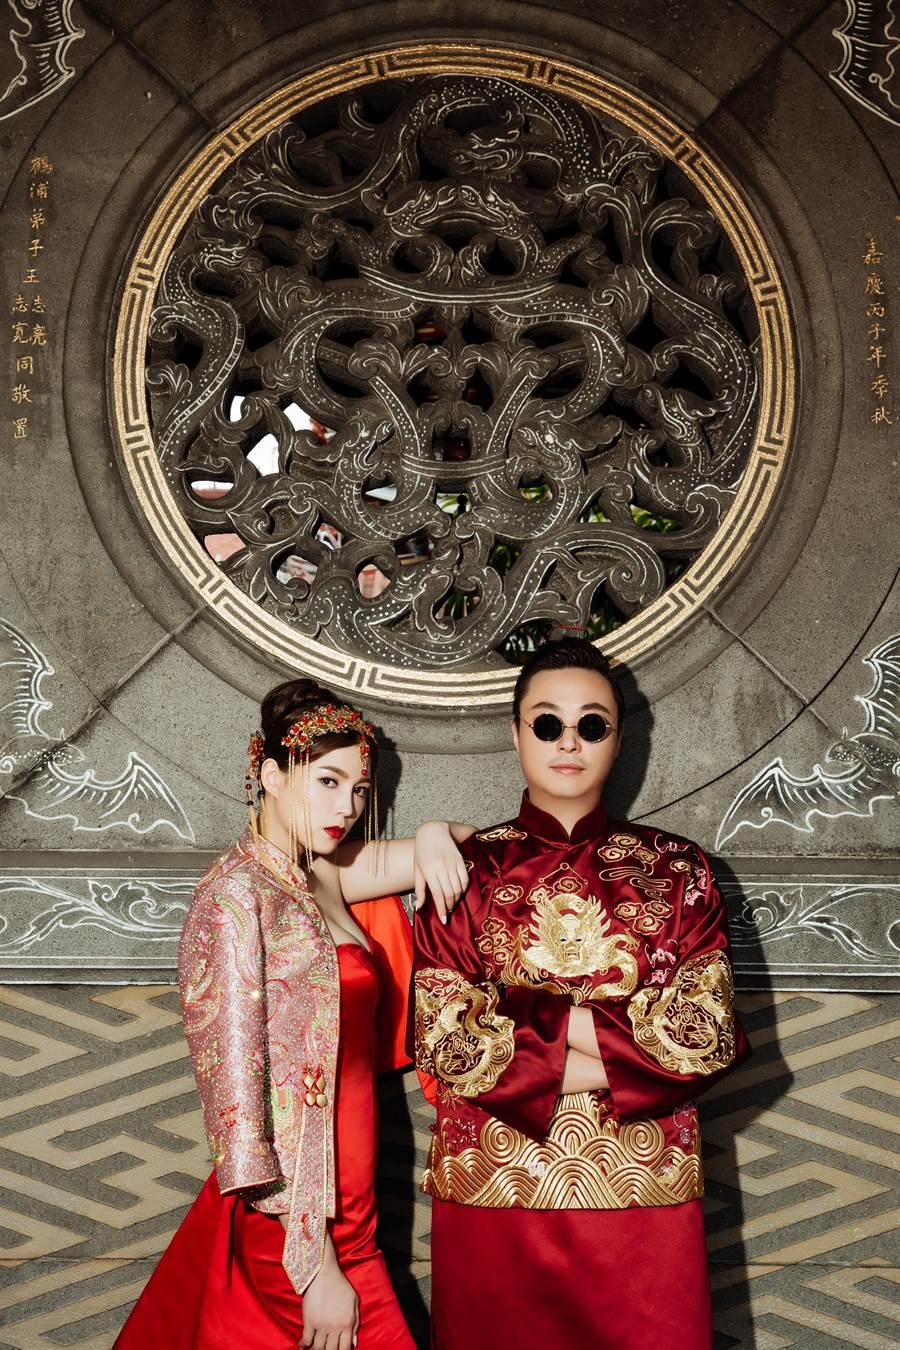 懷舊東方風格,選在保安宮搭配中式風格裝飾,襯托出甜美豔麗風貌。(圖/LinLi Boutique提供)